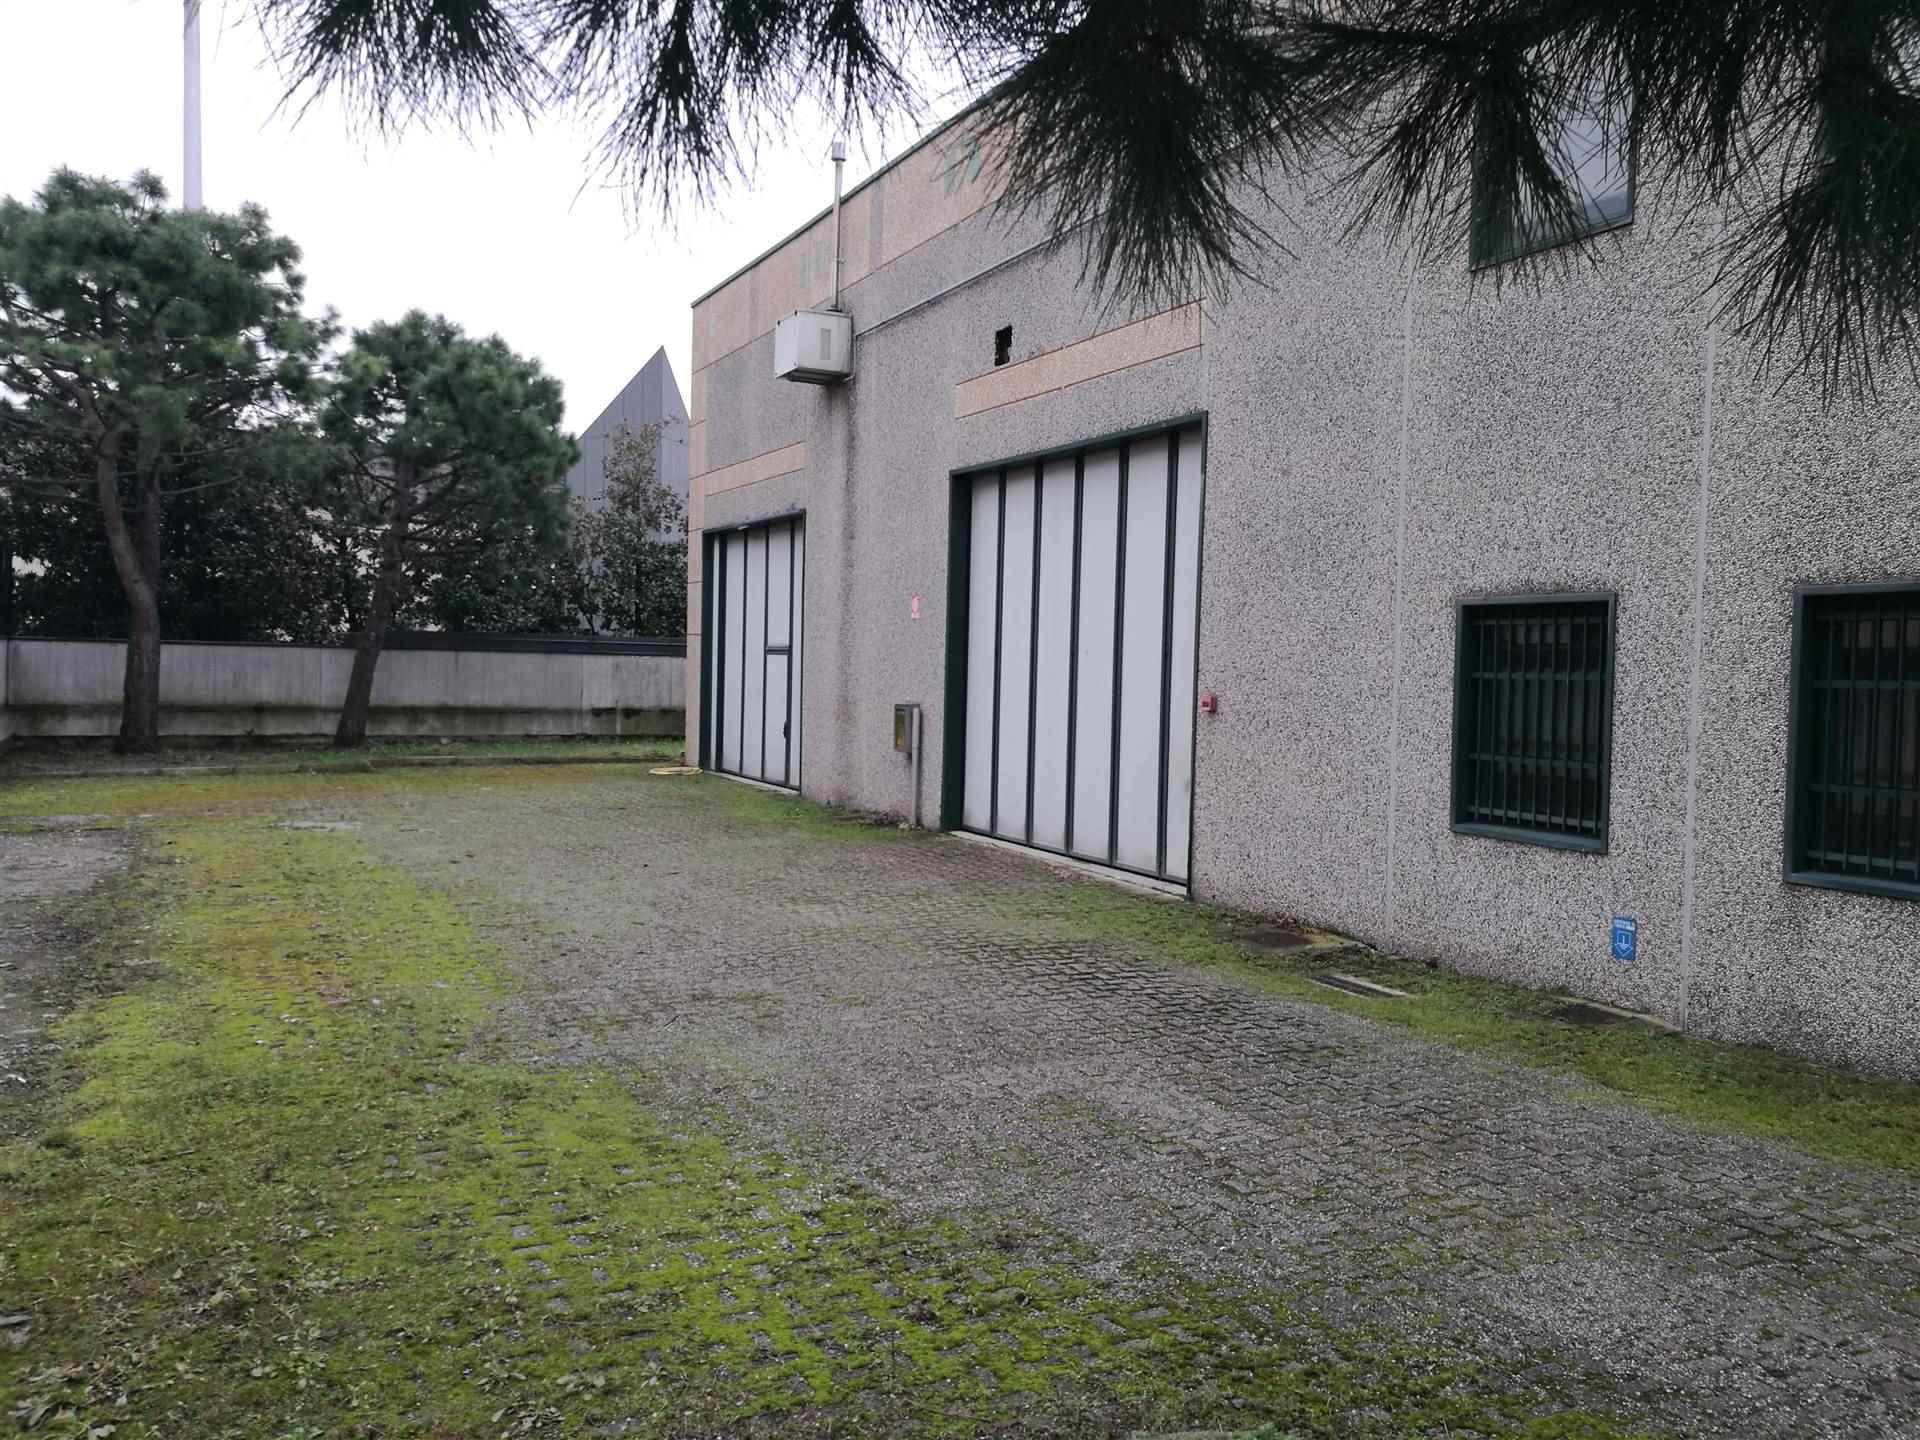 Capannone in vendita a Villasanta, 9999 locali, prezzo € 430.000 | CambioCasa.it